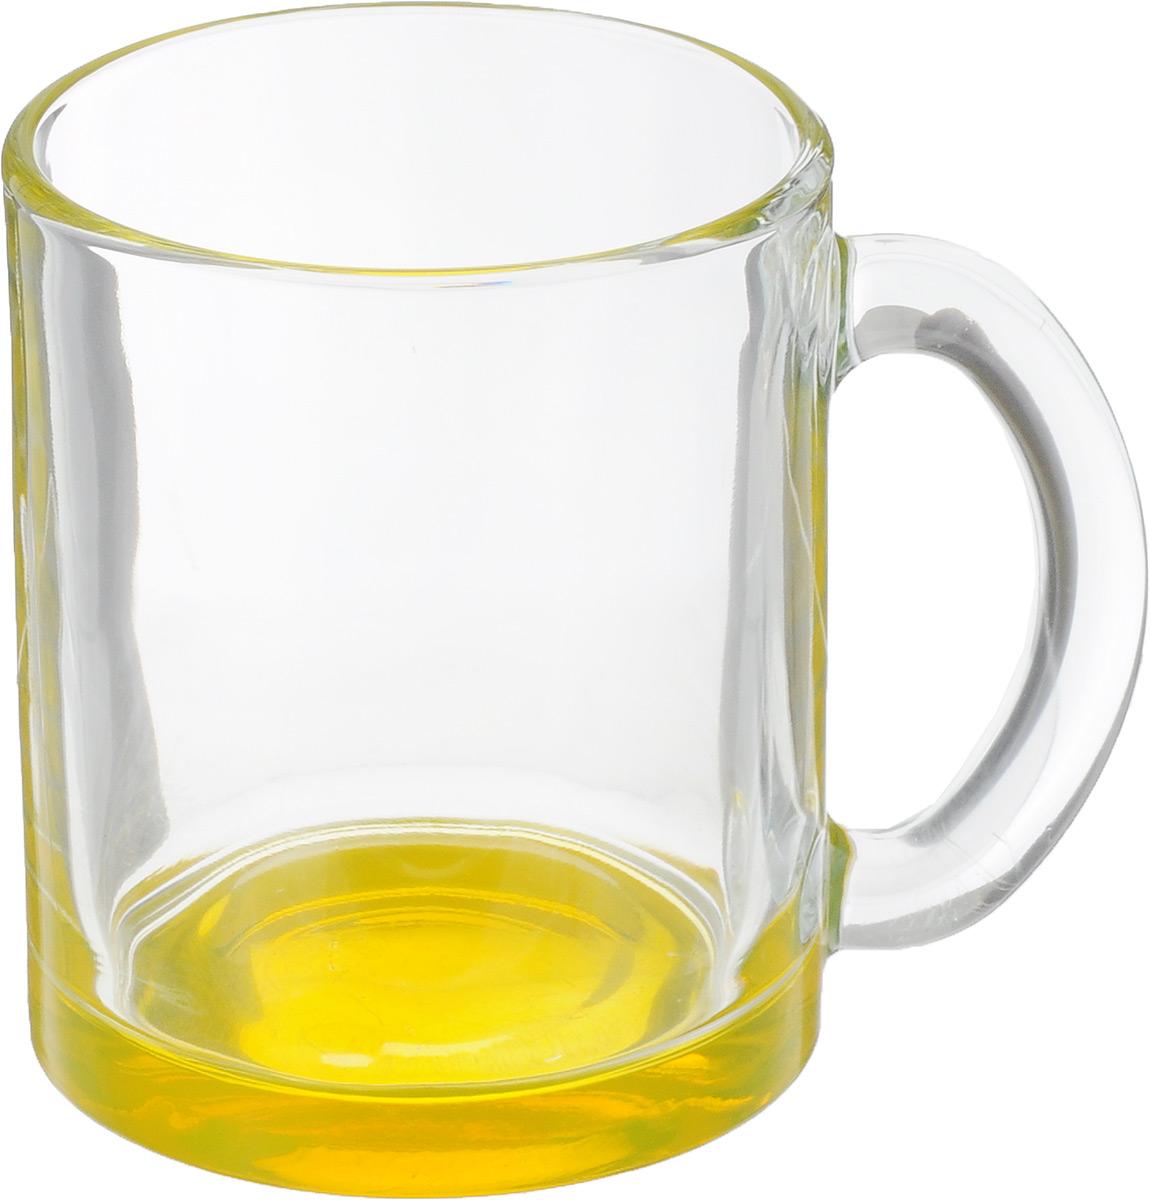 Кружка OSZ Чайная, цвет: прозрачный, желтый, 320 мл391602Кружка OSZ Чайная изготовлена из стекла двух цветов. Изделие идеально подходит для сервировки стола.Кружка не только украсит ваш кухонный стол, но и подчеркнет прекрасный вкус хозяйки. Диаметр кружки (по верхнему краю): 8 см. Высота кружки: 9,5 см. Объем кружки: 320 мл.